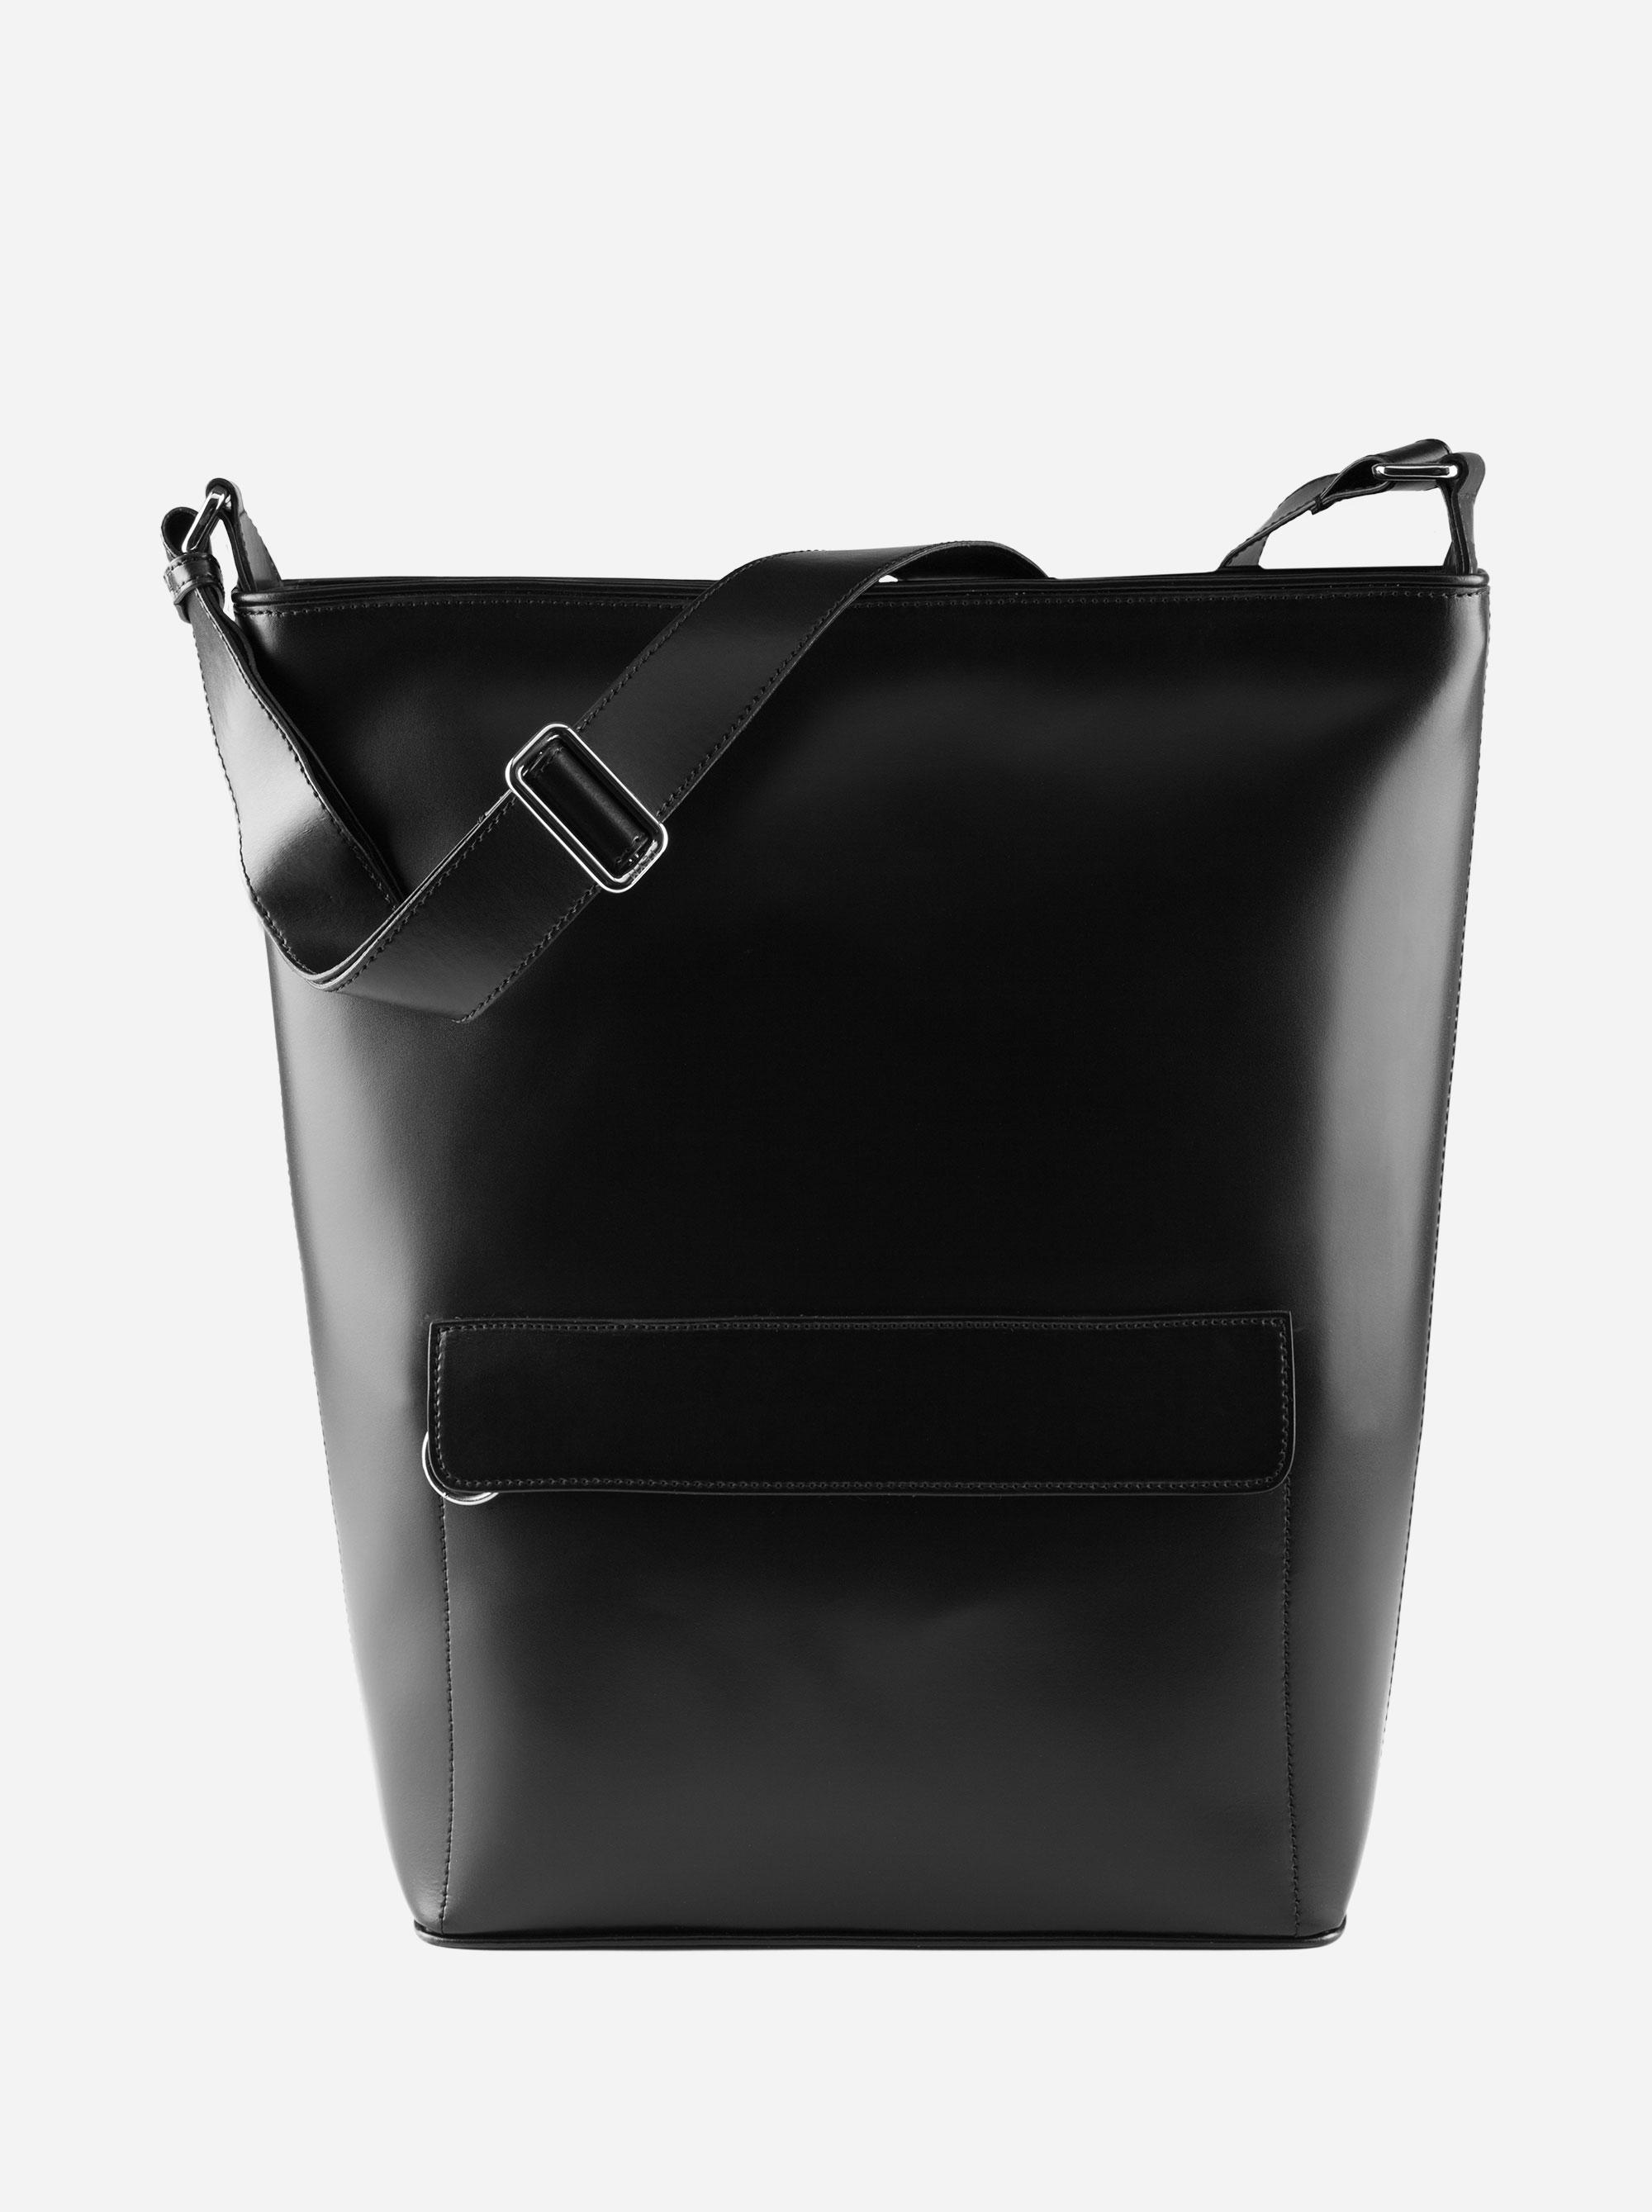 Teym - The Shoulder Bag - Black - 1